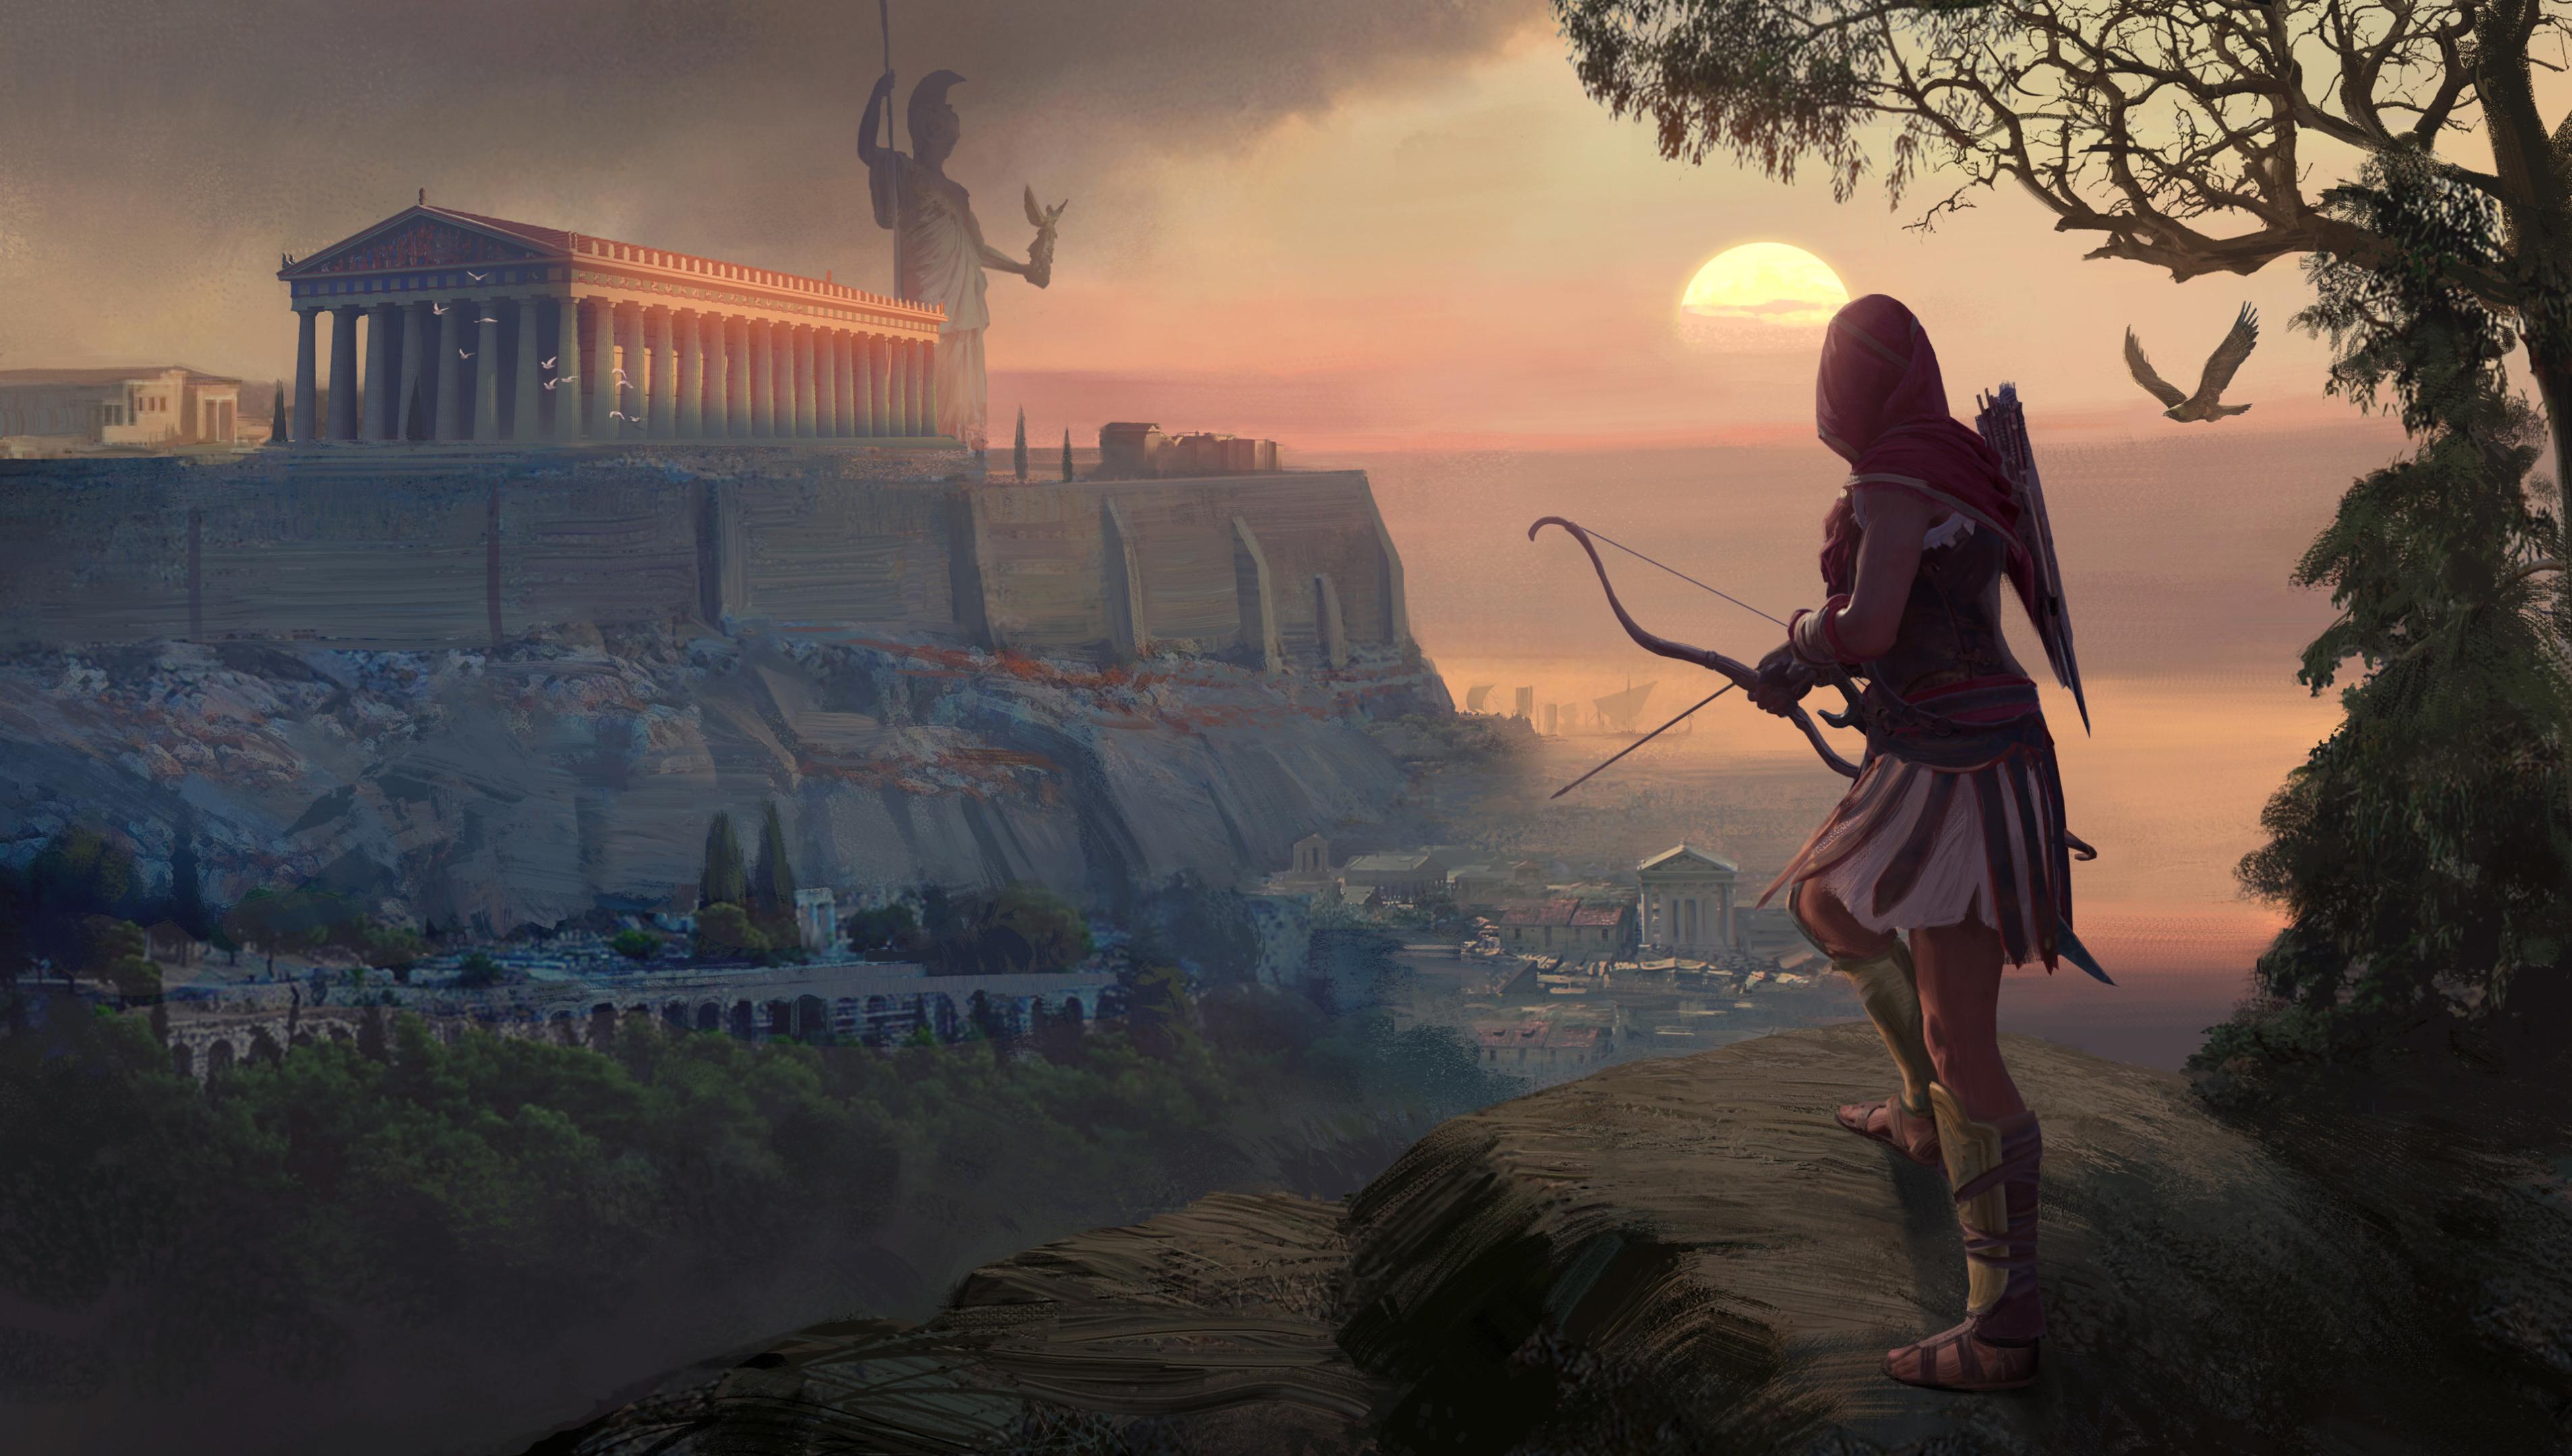 2018 Assassins Creed Origins 4k Hd Games 4k Wallpapers: 2018 Assassins Creed Odyssey Game 4k, HD Games, 4k